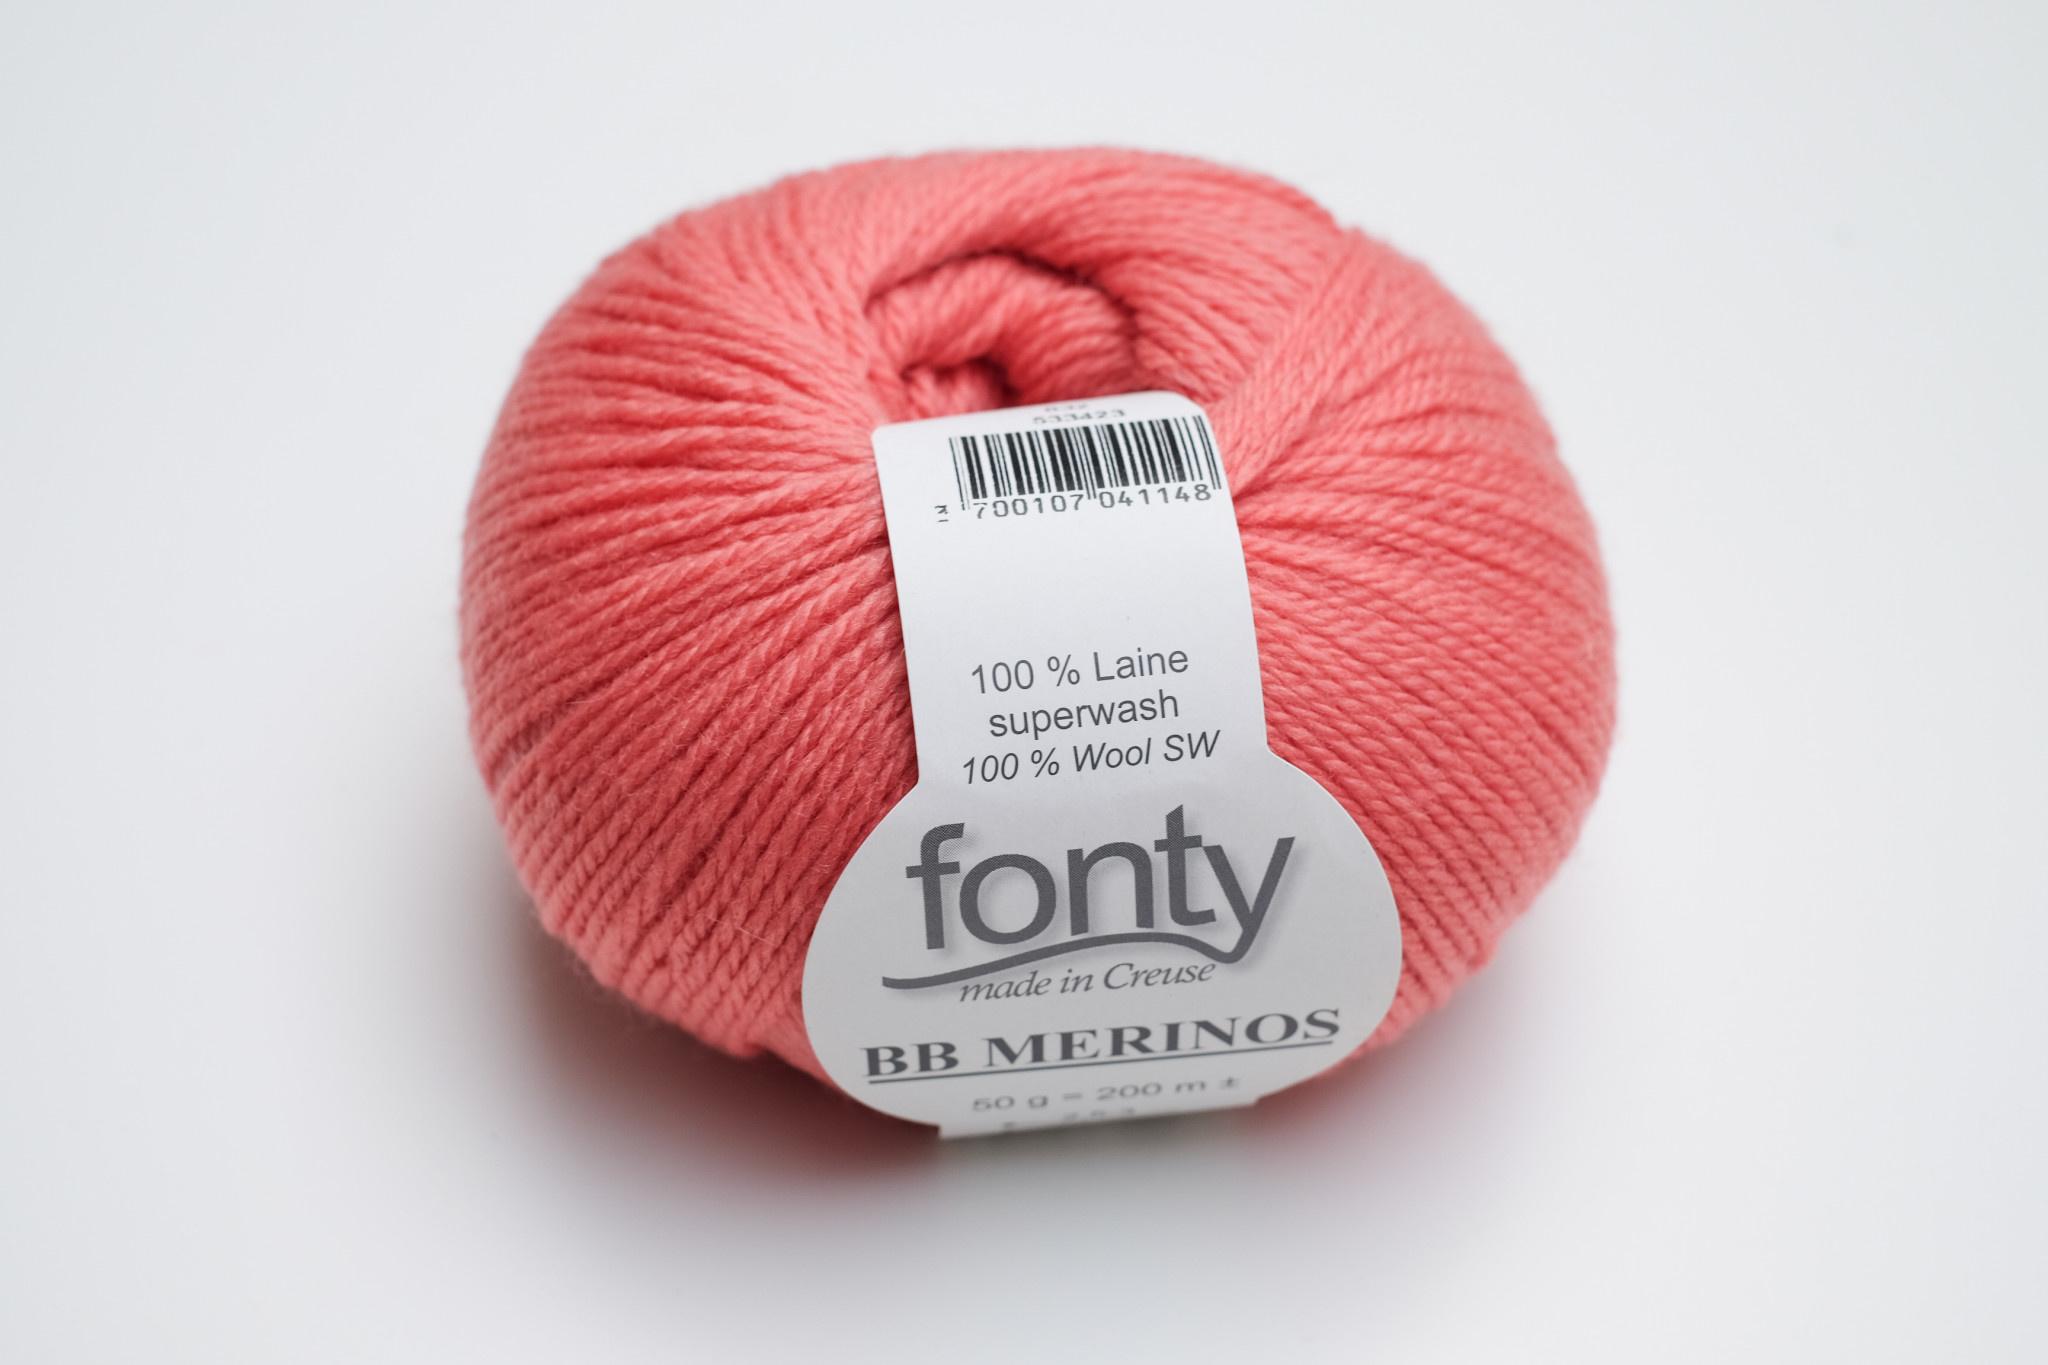 Fonty Fonty BB Merinos - Kleur 832